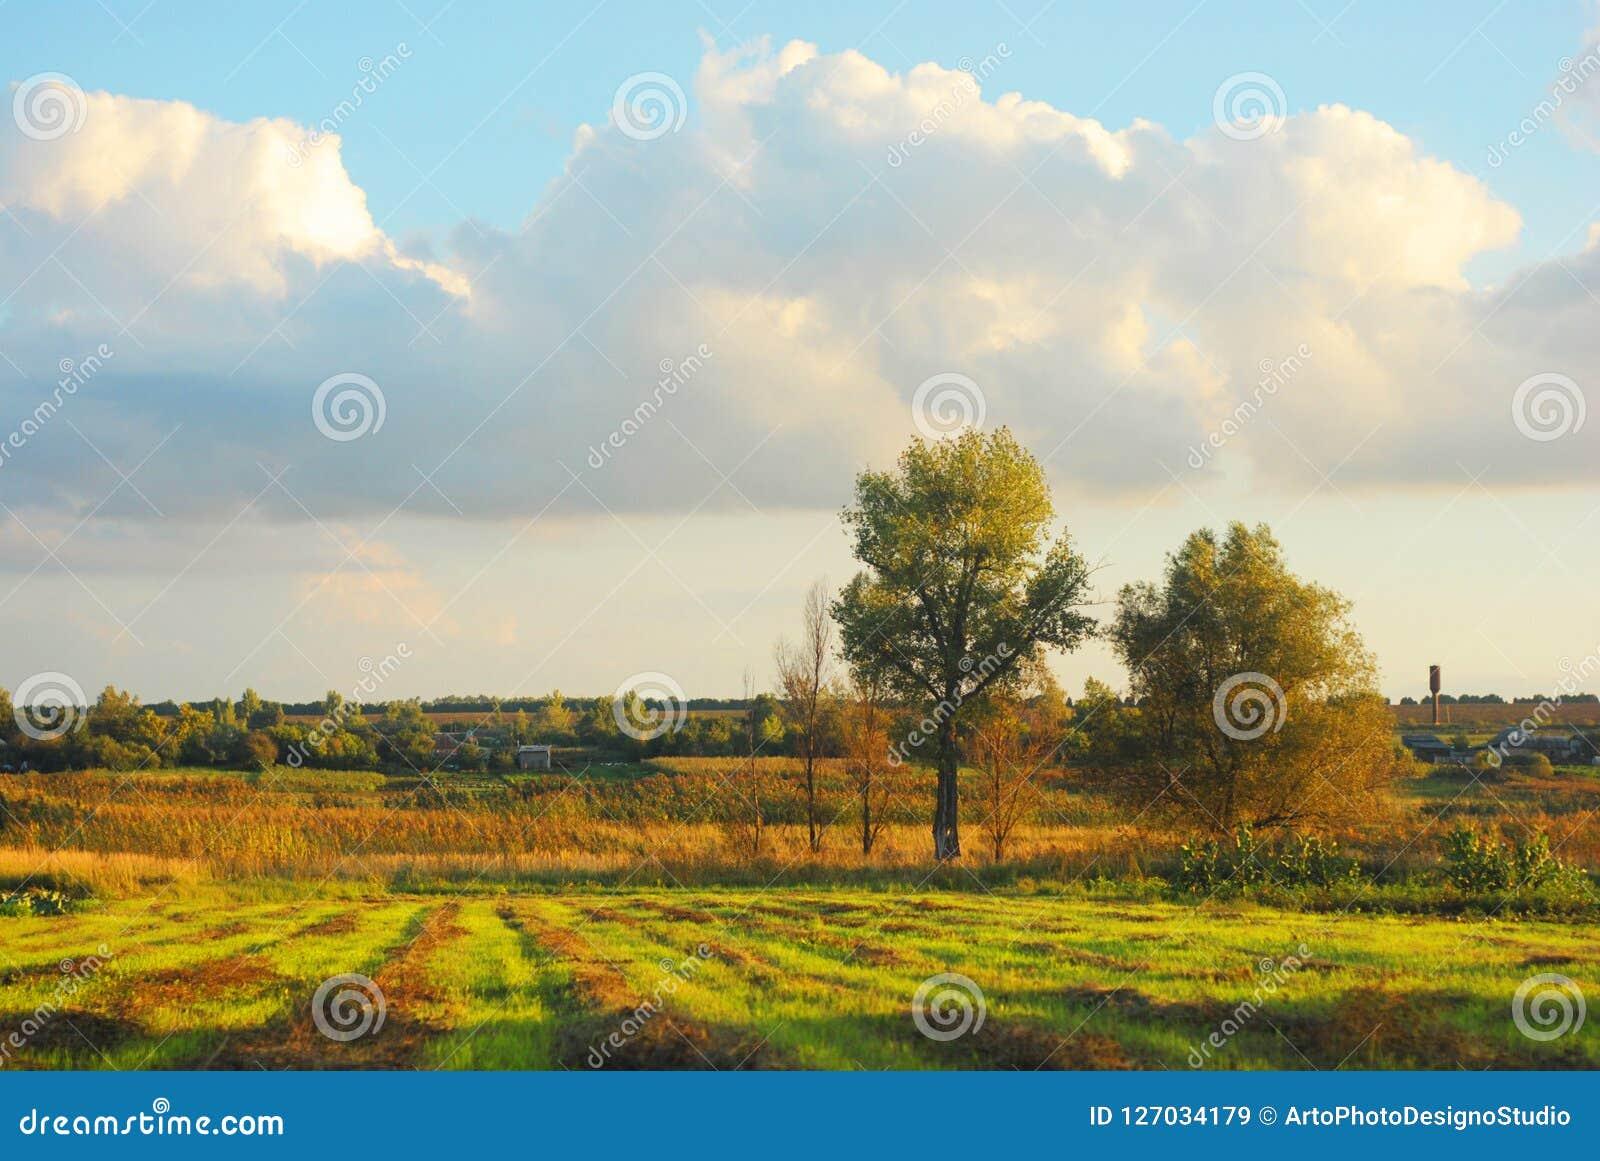 Nubes en el cielo soleado de la tarde sobre el prado con el heno biselado en líneas, álamos y campo